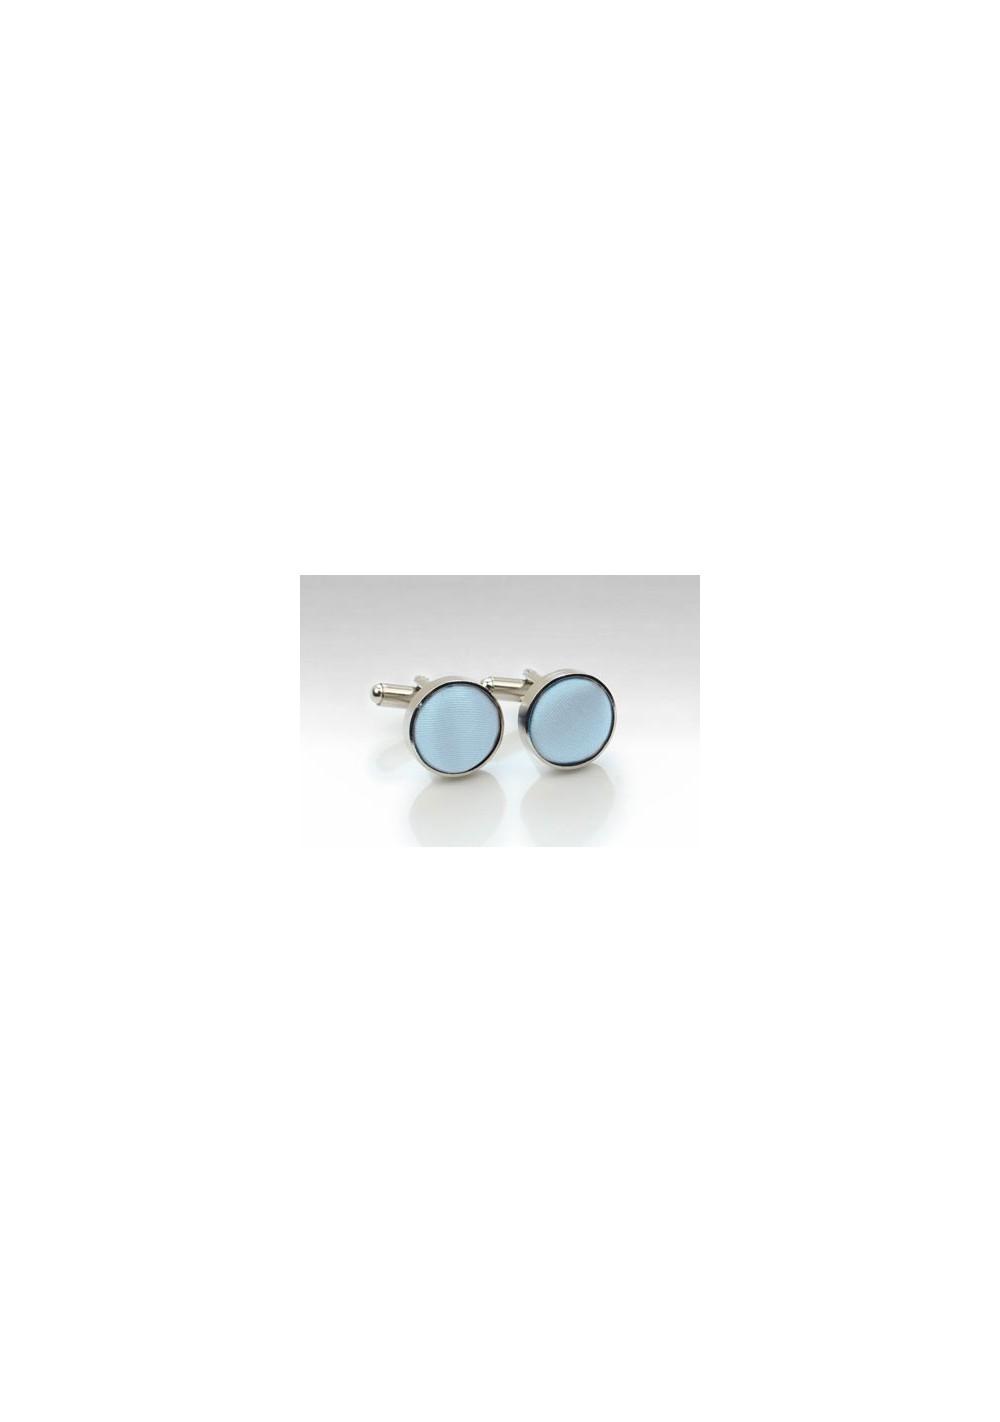 Light Blue Cufflinks